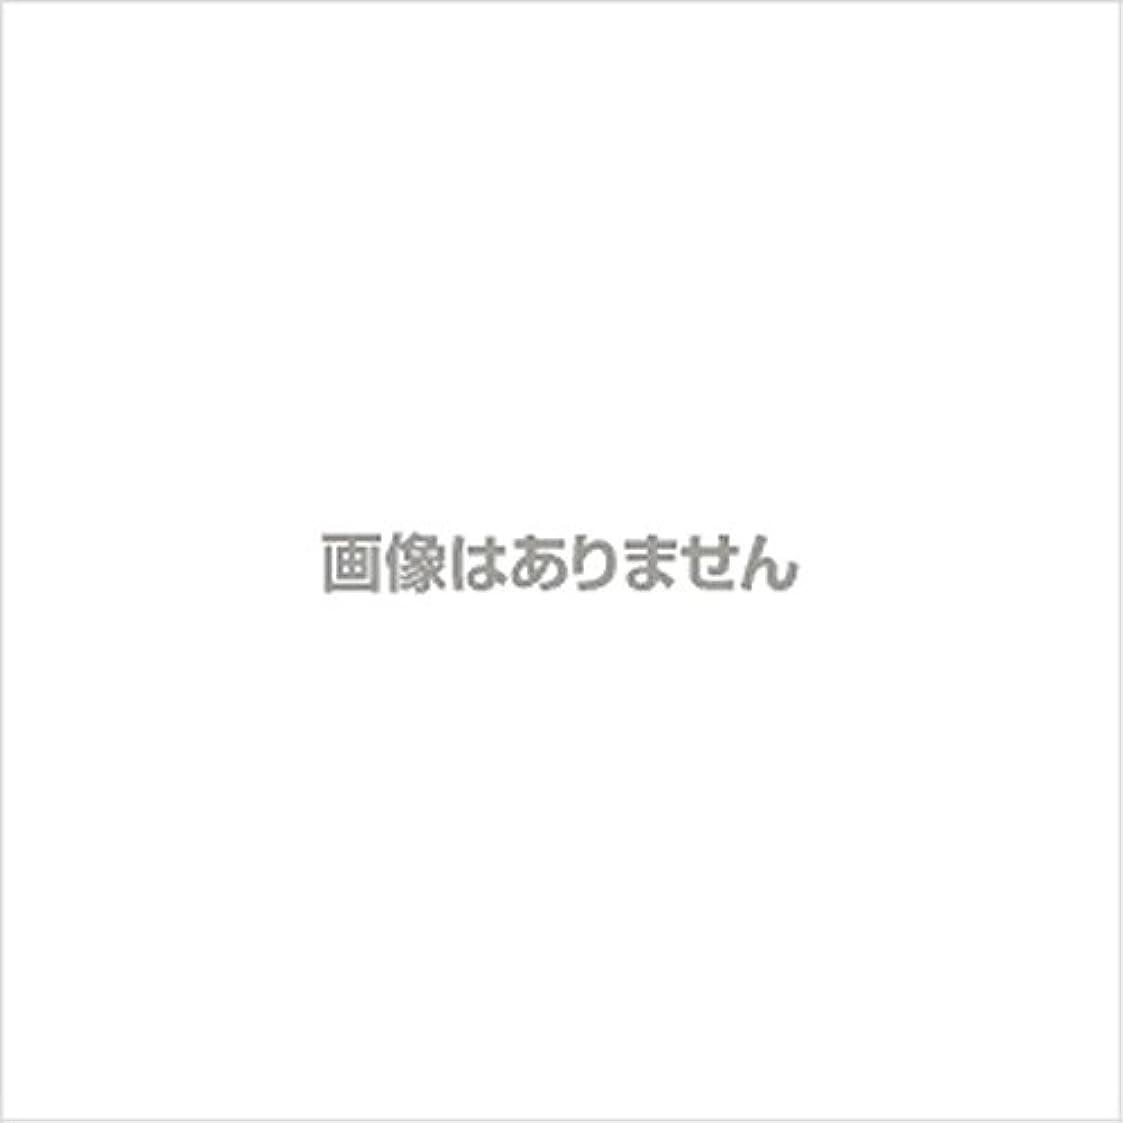 旧正月参加する寛容な白十字 FC ポリ手袋 6枚入